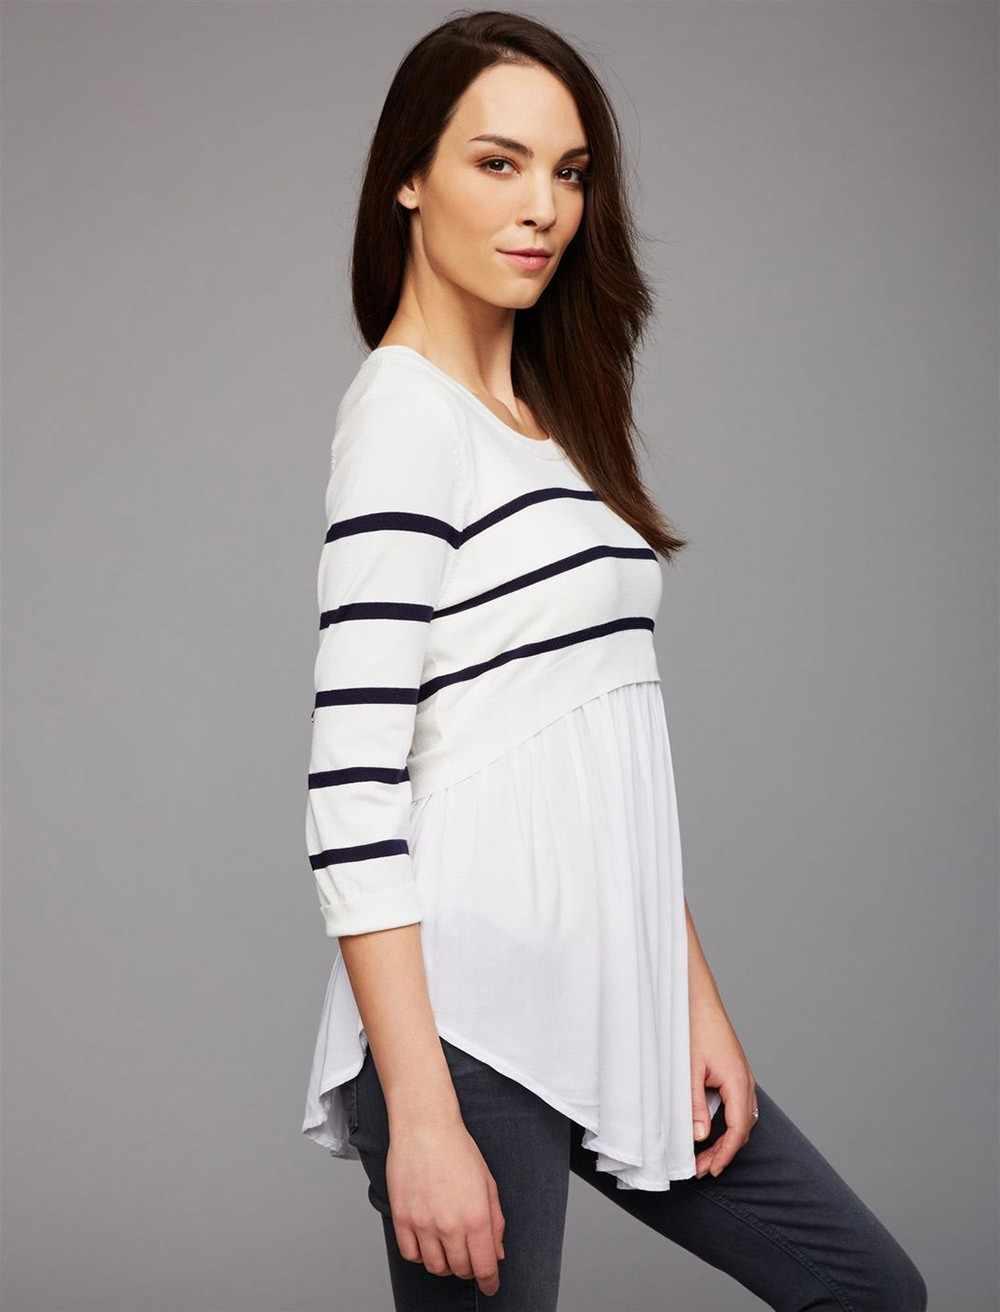 Femmes multi-fonctionnel allaitement enceinte chemise vêtements maman enceinte allaitement maternité à manches longues rayé Blouse vêtements